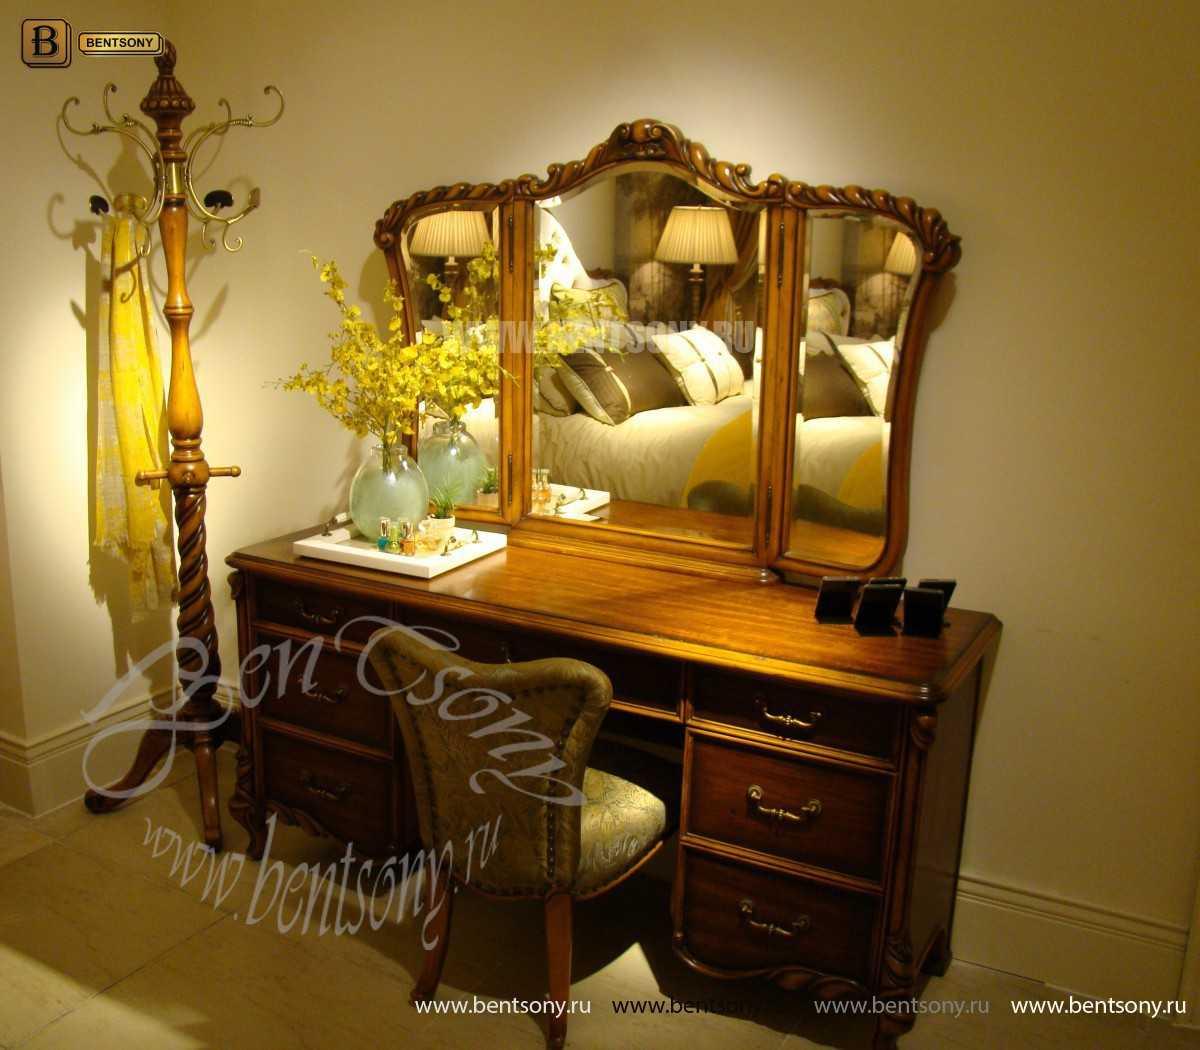 Стол туалетный Лоренс В с зеркалом (Классика, массив дерева) магазин